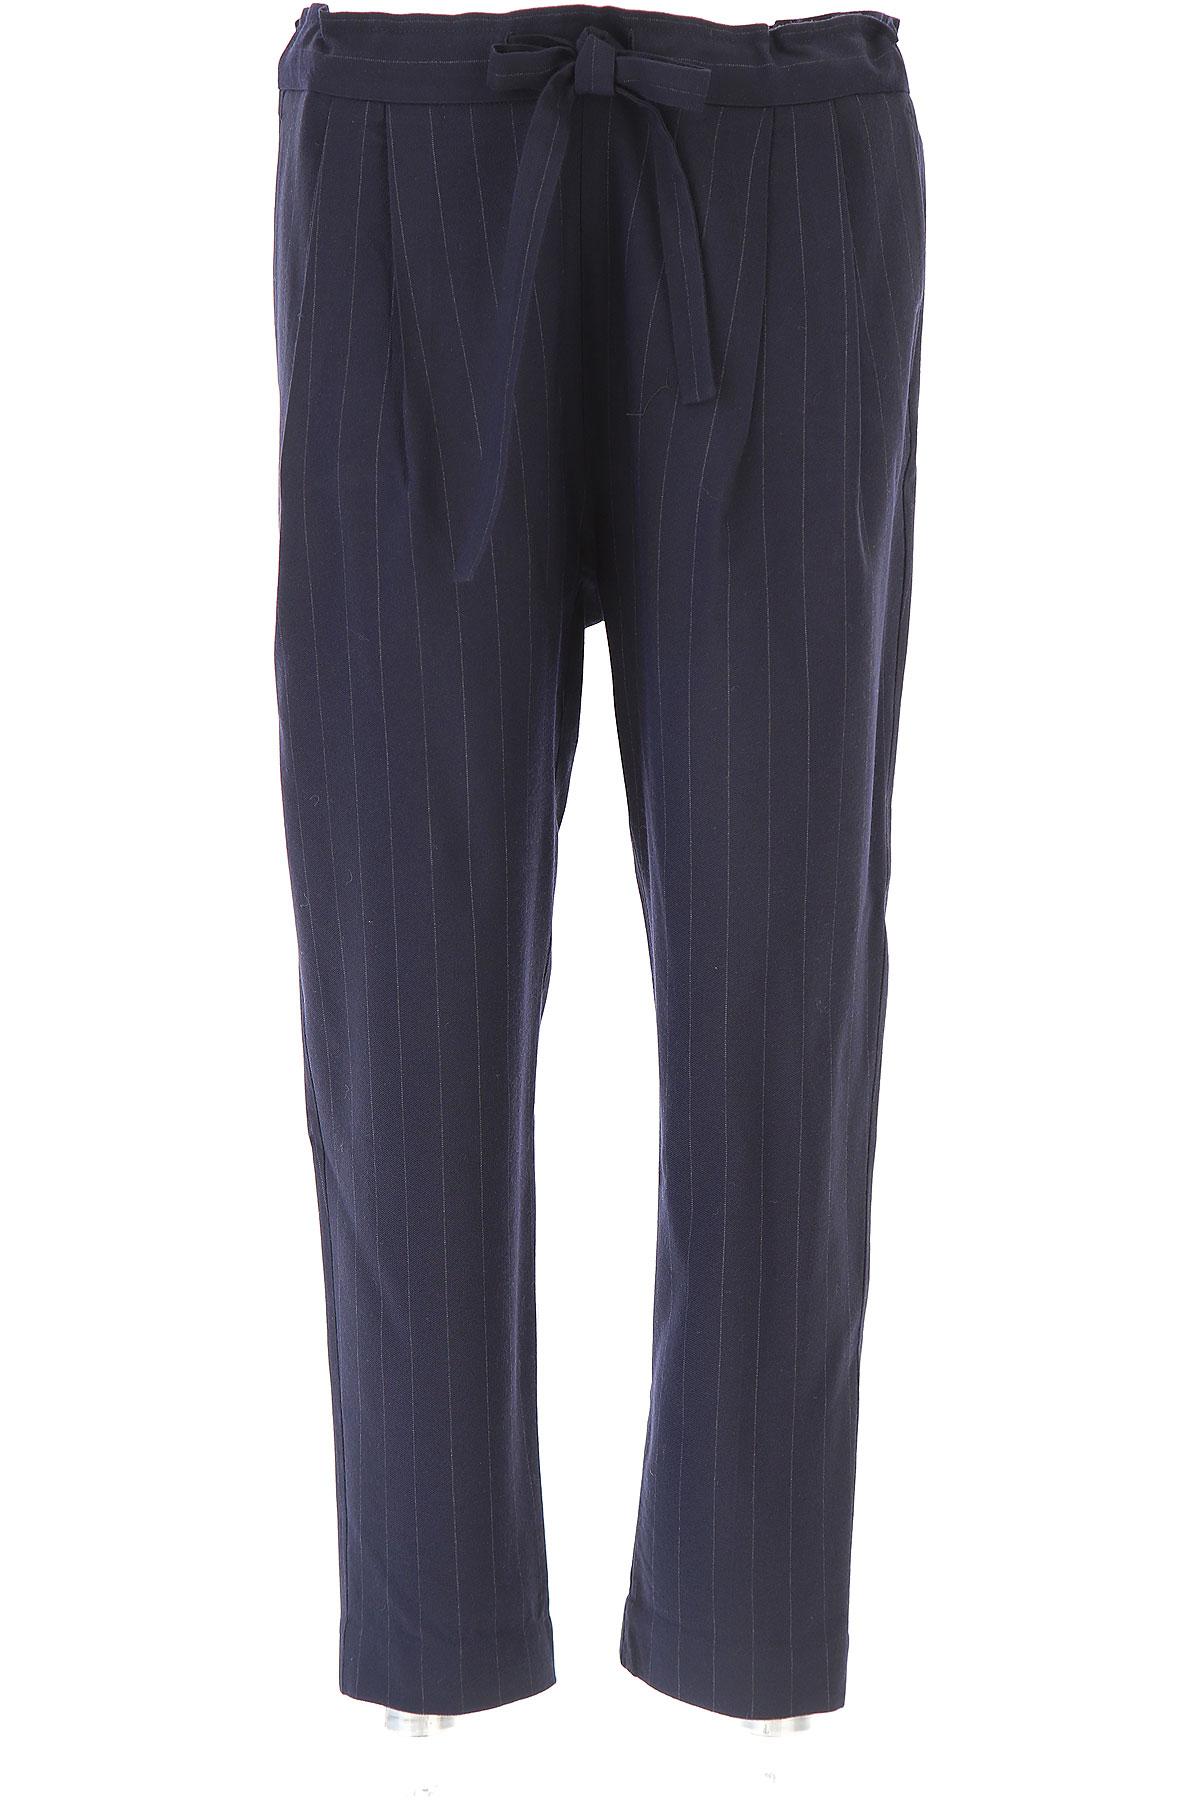 Image of Sibel Saral Pants for Women, Navy Blue, Virgin wool, 2017, 4 6